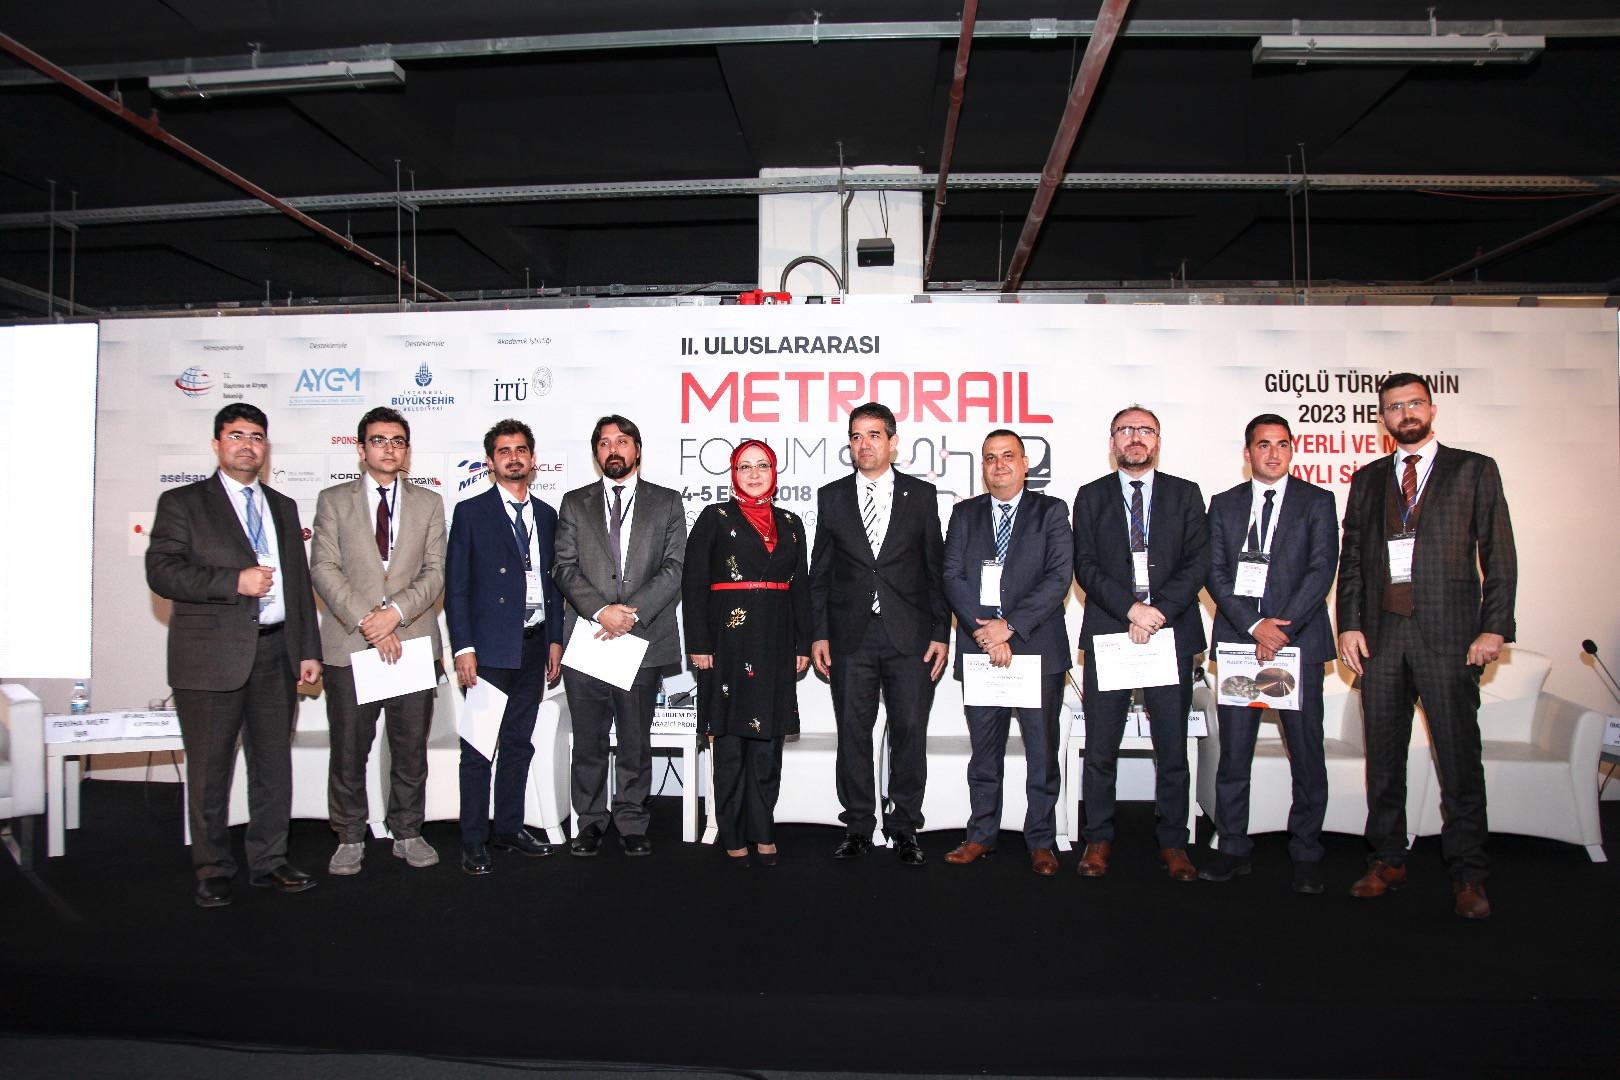 II.Uluslararası Metrorail Forumu'na Katıldık